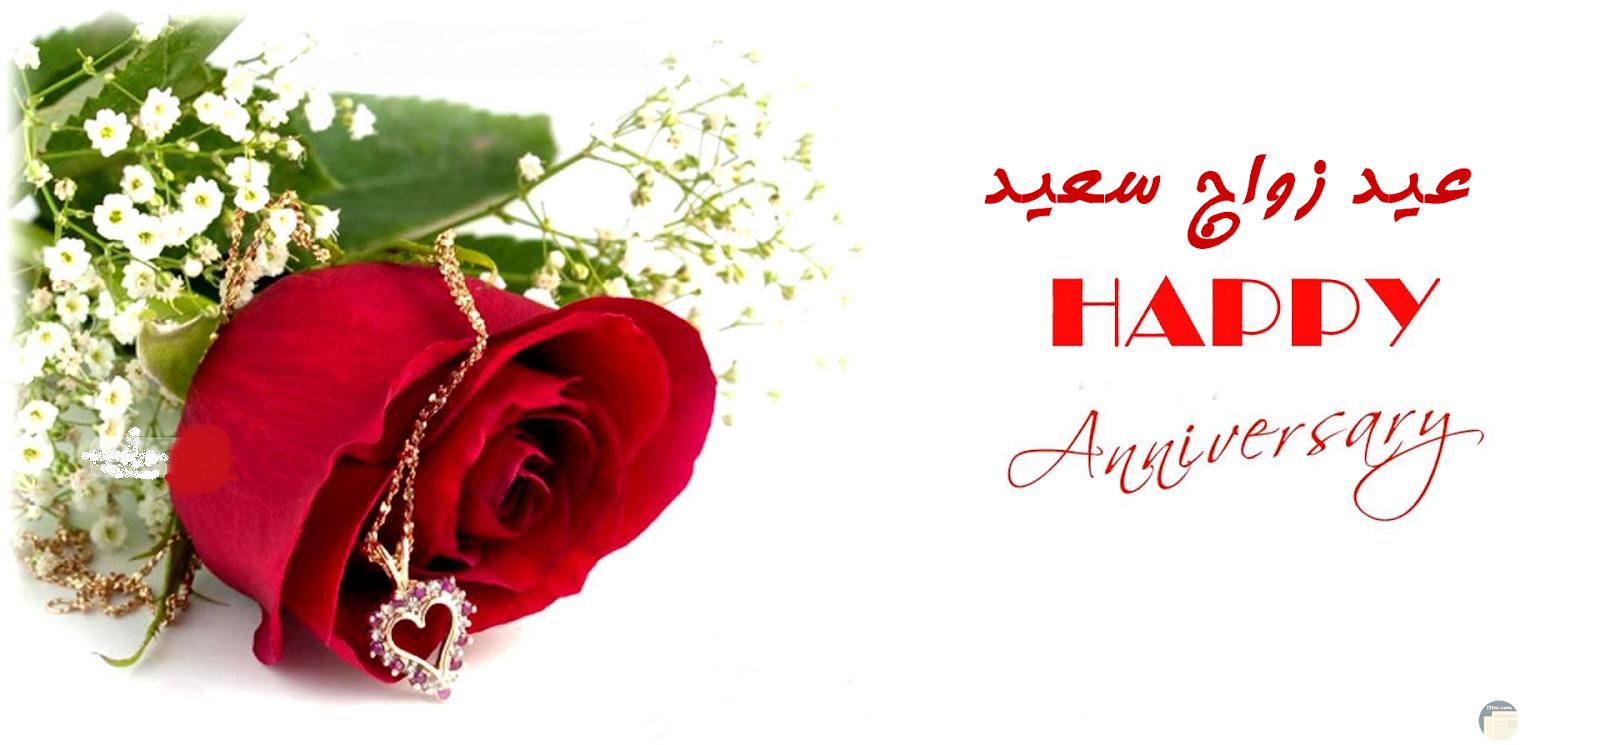 صورة لعيد الزواج باللغة العربية و الانجليزية.